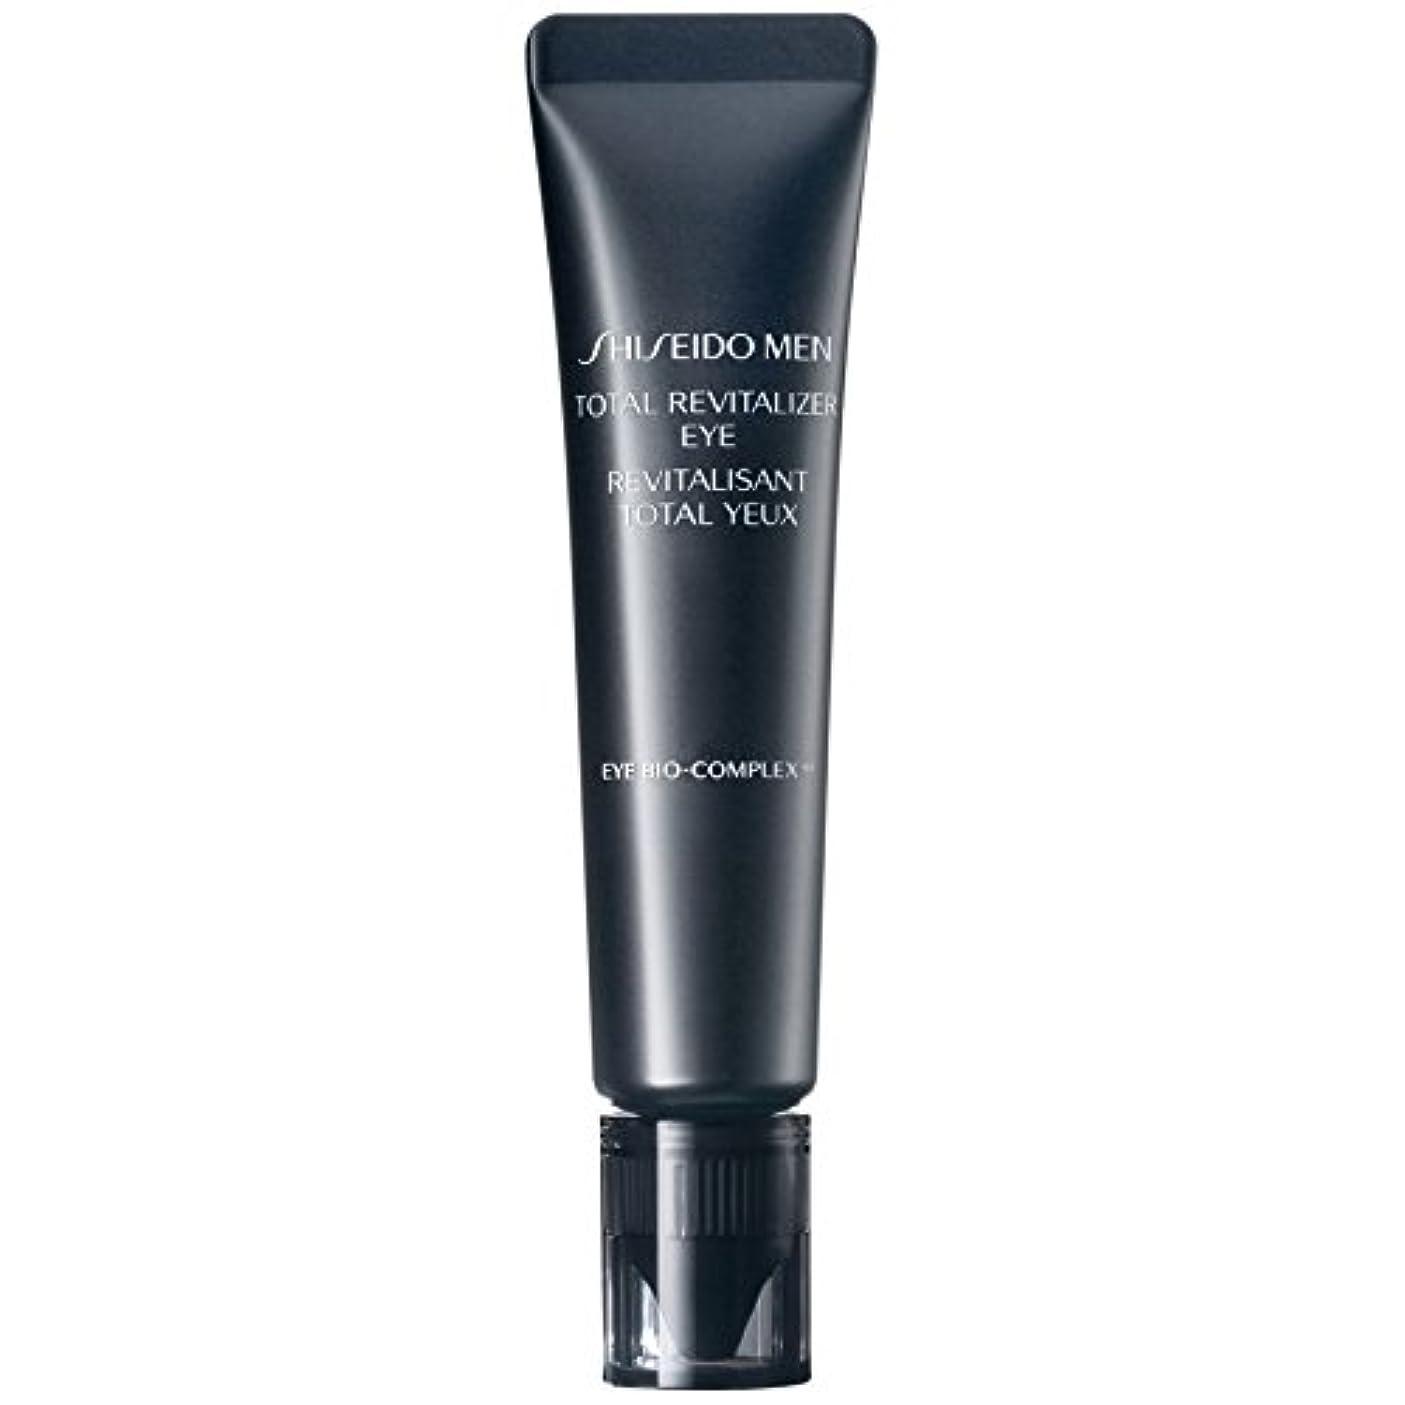 深く落とし穴膜[Shiseido] 資生堂の男性は滋養強壮、アイクリーム15ミリリットル合計します - Shiseido Men Total Revitalizer Eye Cream 15ml [並行輸入品]